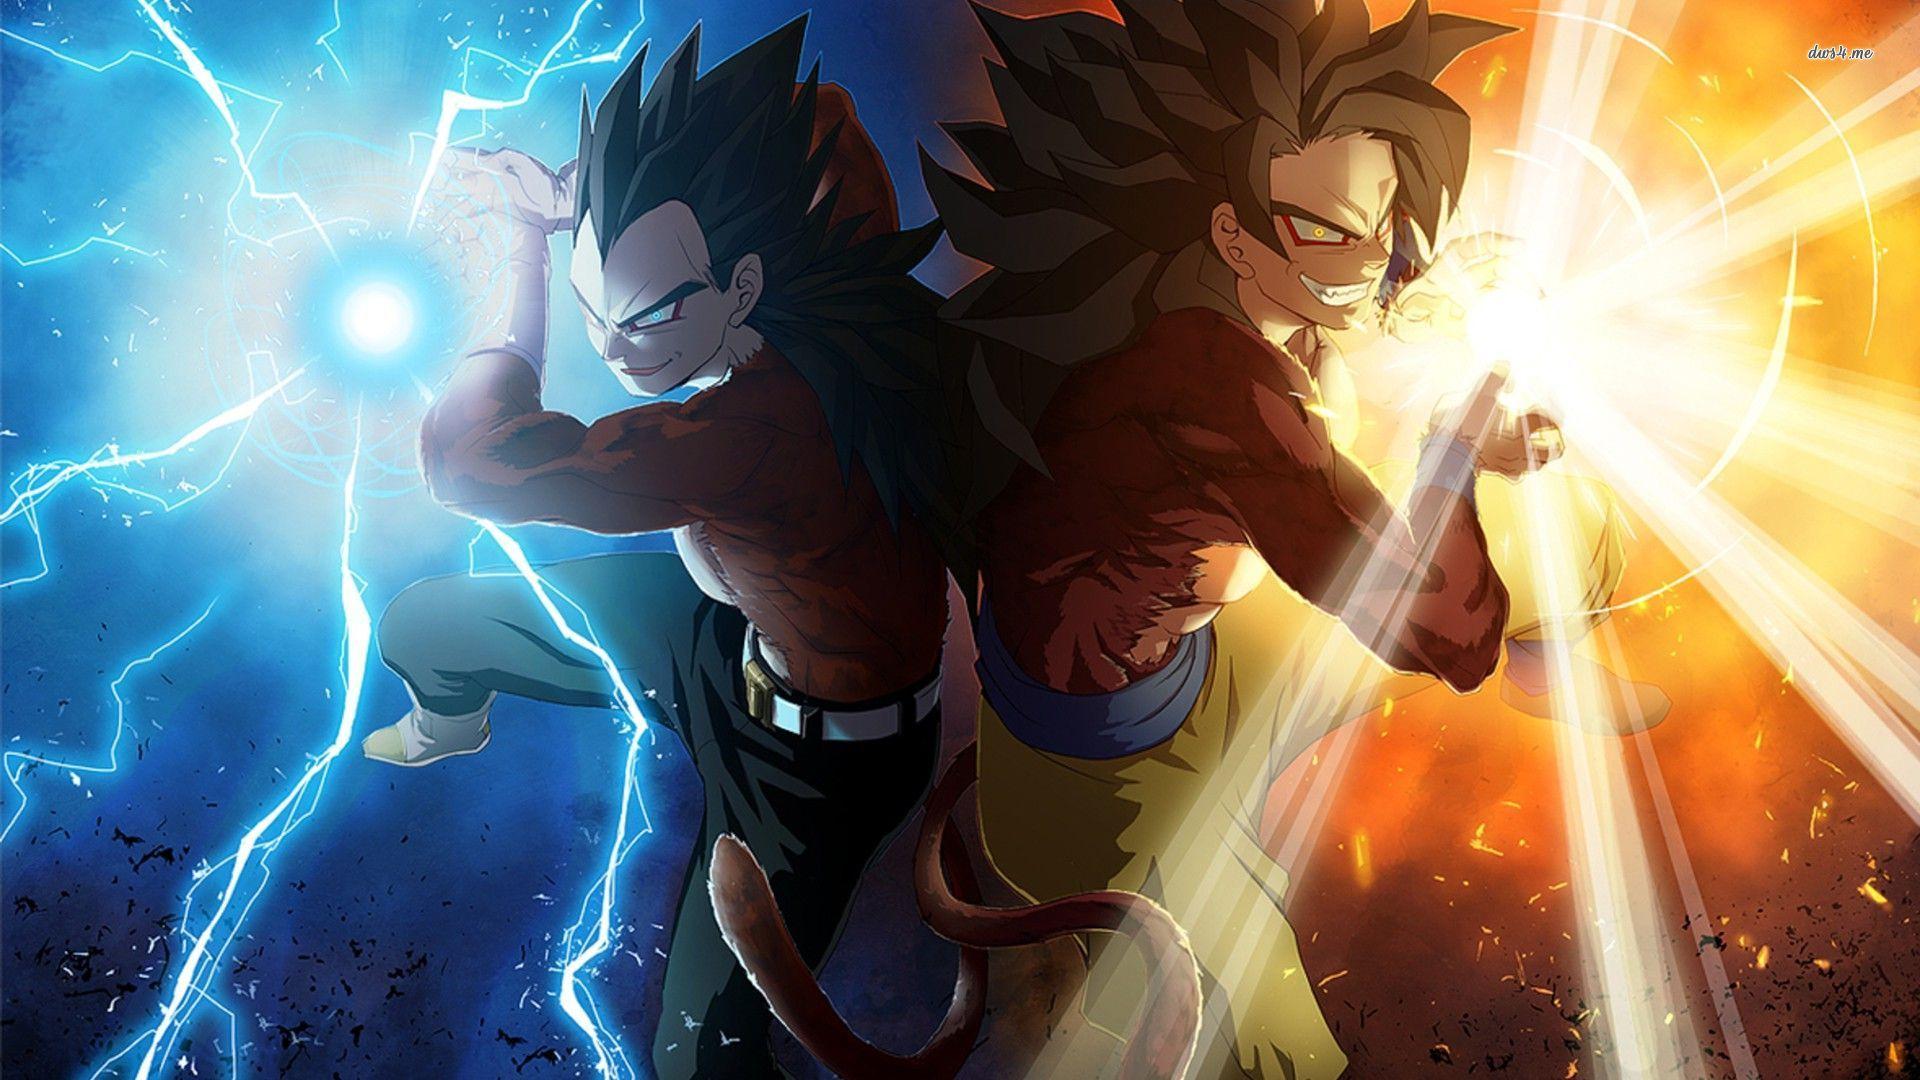 Vegeta and Son Goku   Dragon Ball GT wallpaper 1280x800 Vegeta and Son 1920x1080